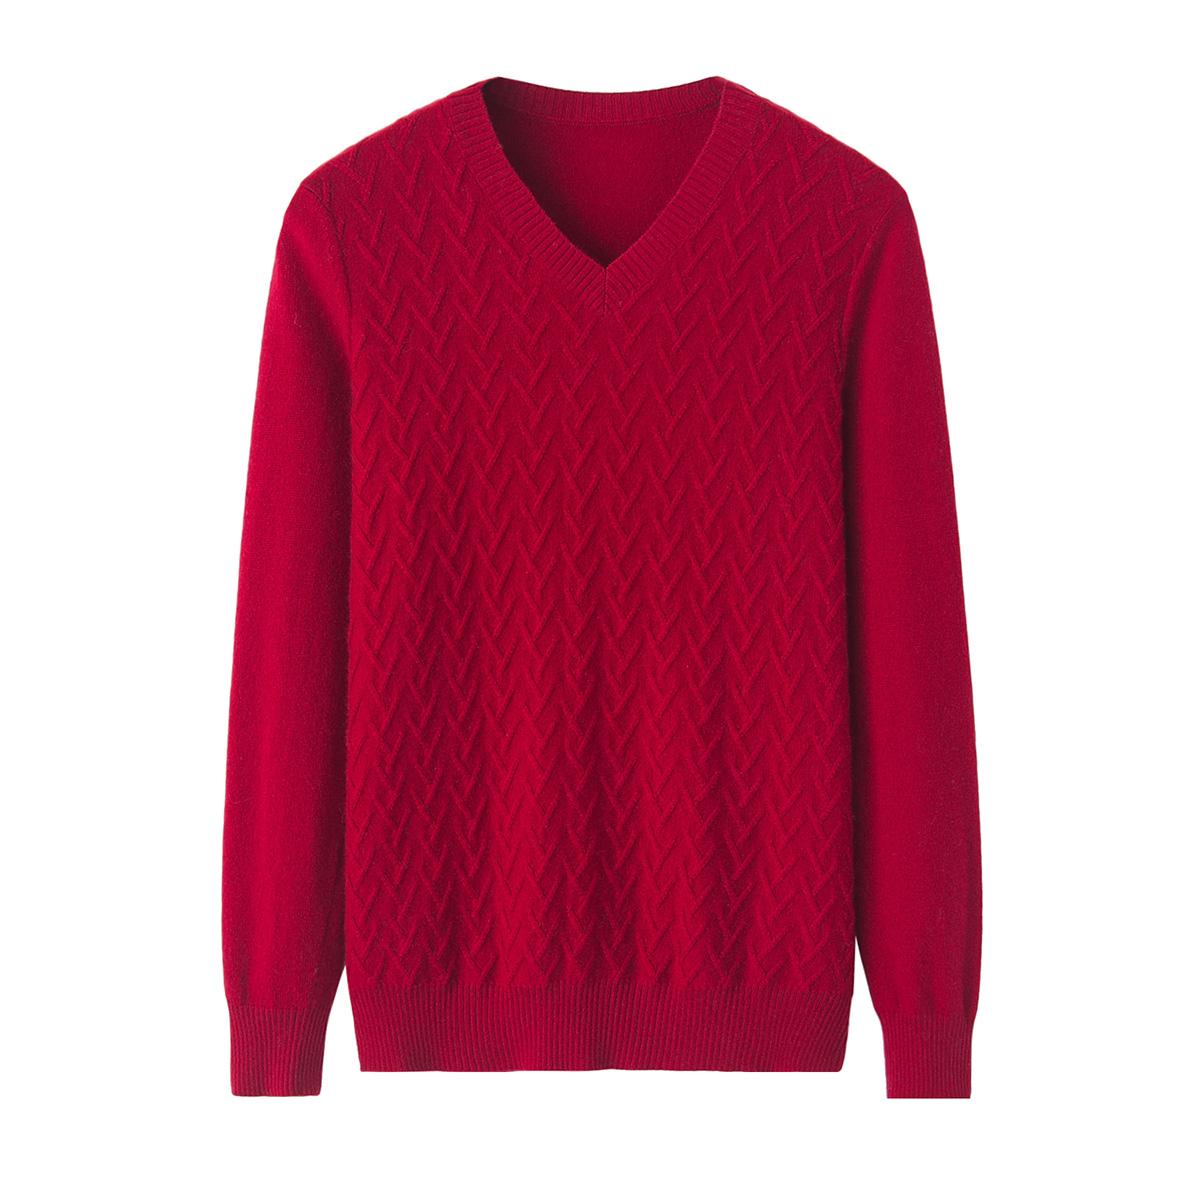 2020秋冬新款女式羊绒衫V领提花休闲针织打底衫通勤长袖毛衣正品